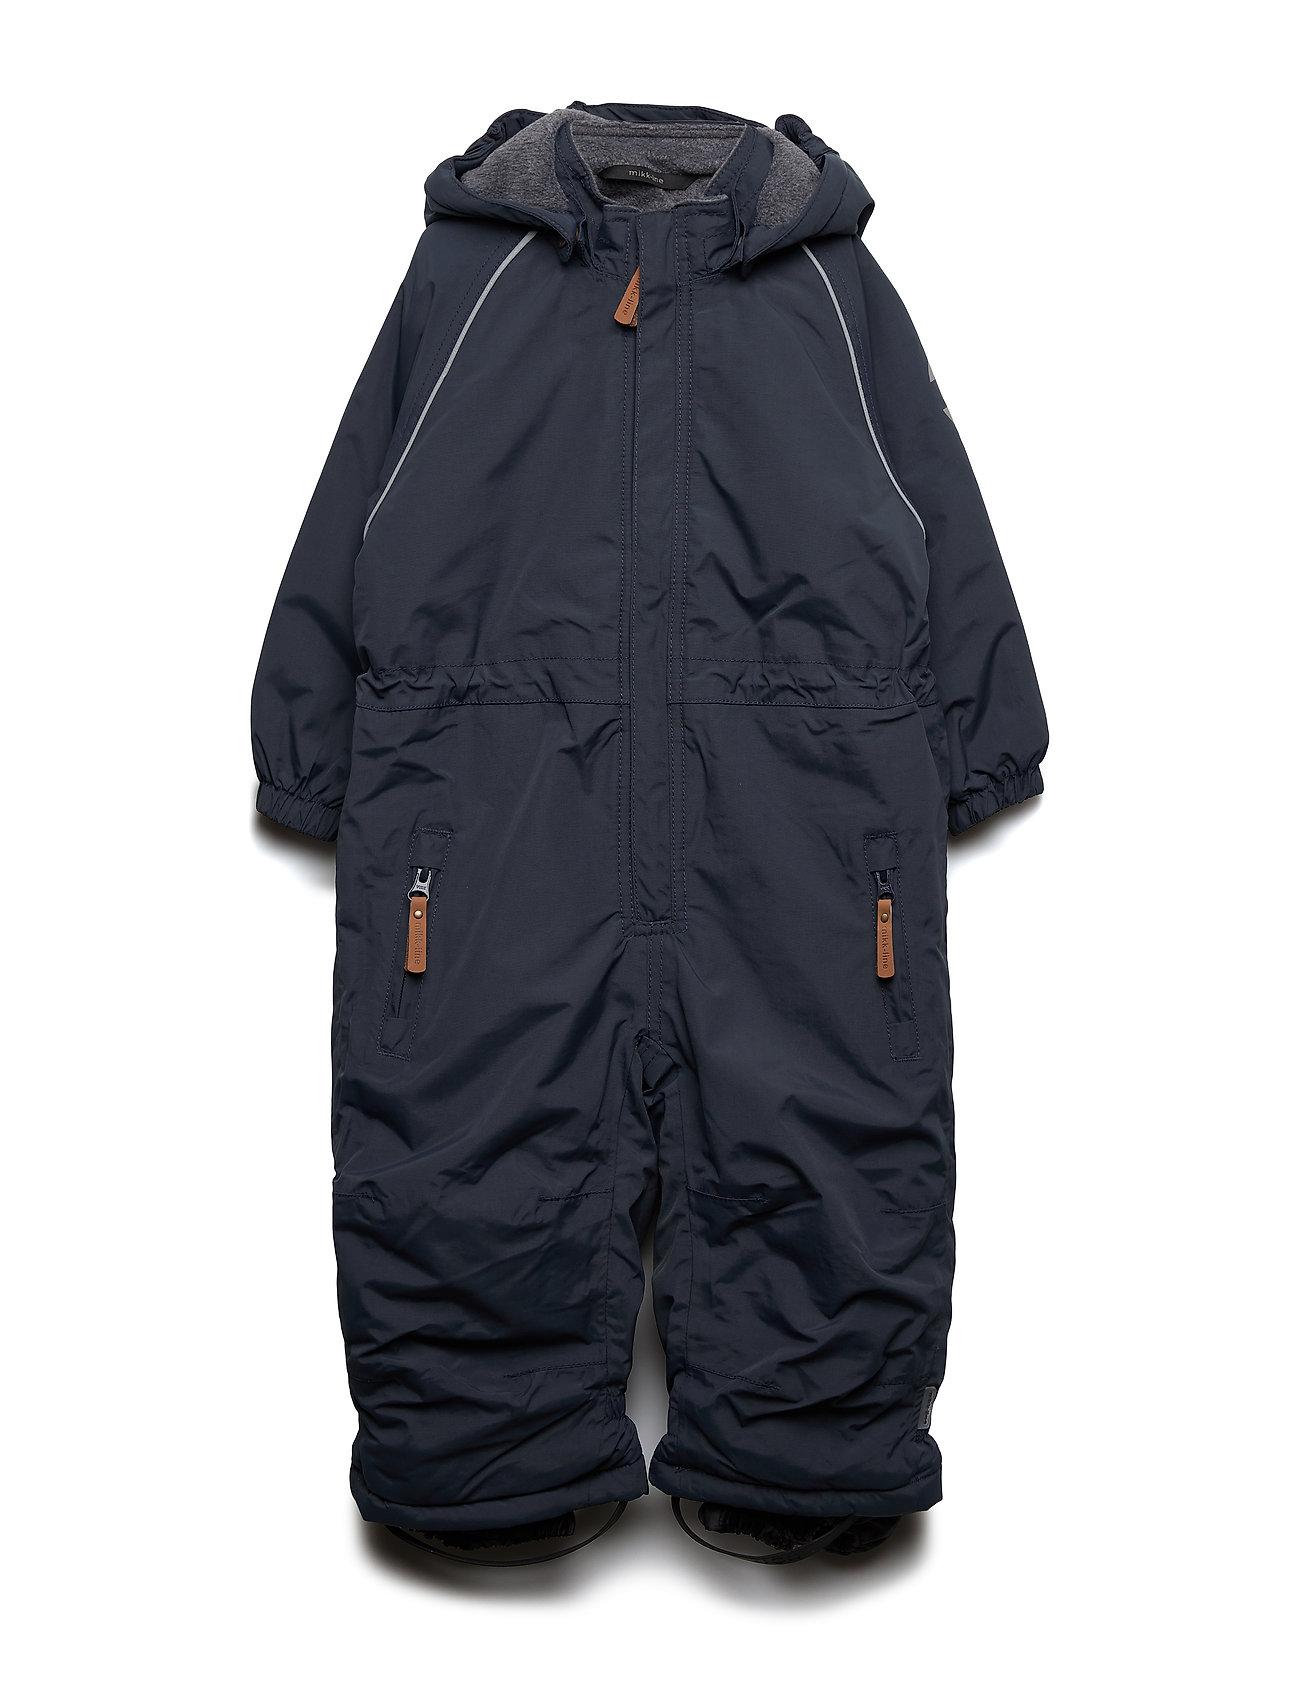 Mikk-Line Nylon Junior Suit Solid - BLUE NIGHTS